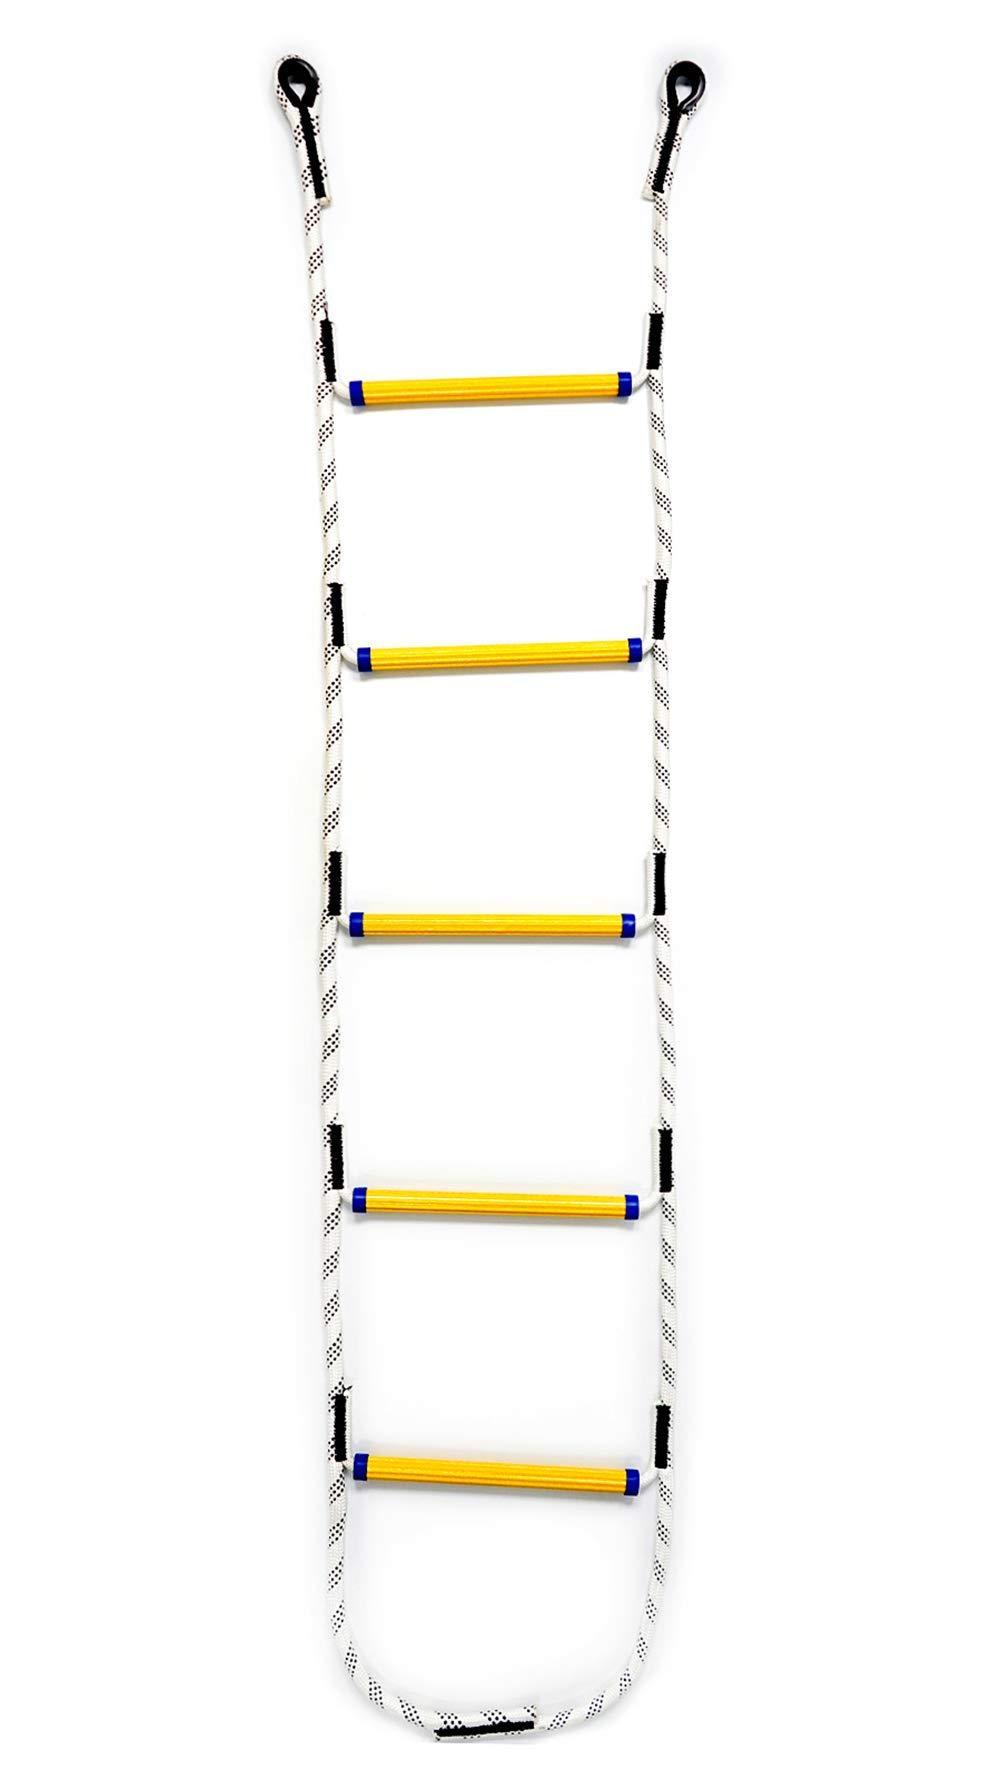 Aoneky Escalera de Cuerda de Escalada para Niños Adultos - Longitud de 1,8M/2,1M/2,4M, Carga de 450kg, Juguete de Escalar para Parque Infantil Jardín, Cuerda de Nylon, Peldaños de Resina (1,8M): Amazon.es: Juguetes